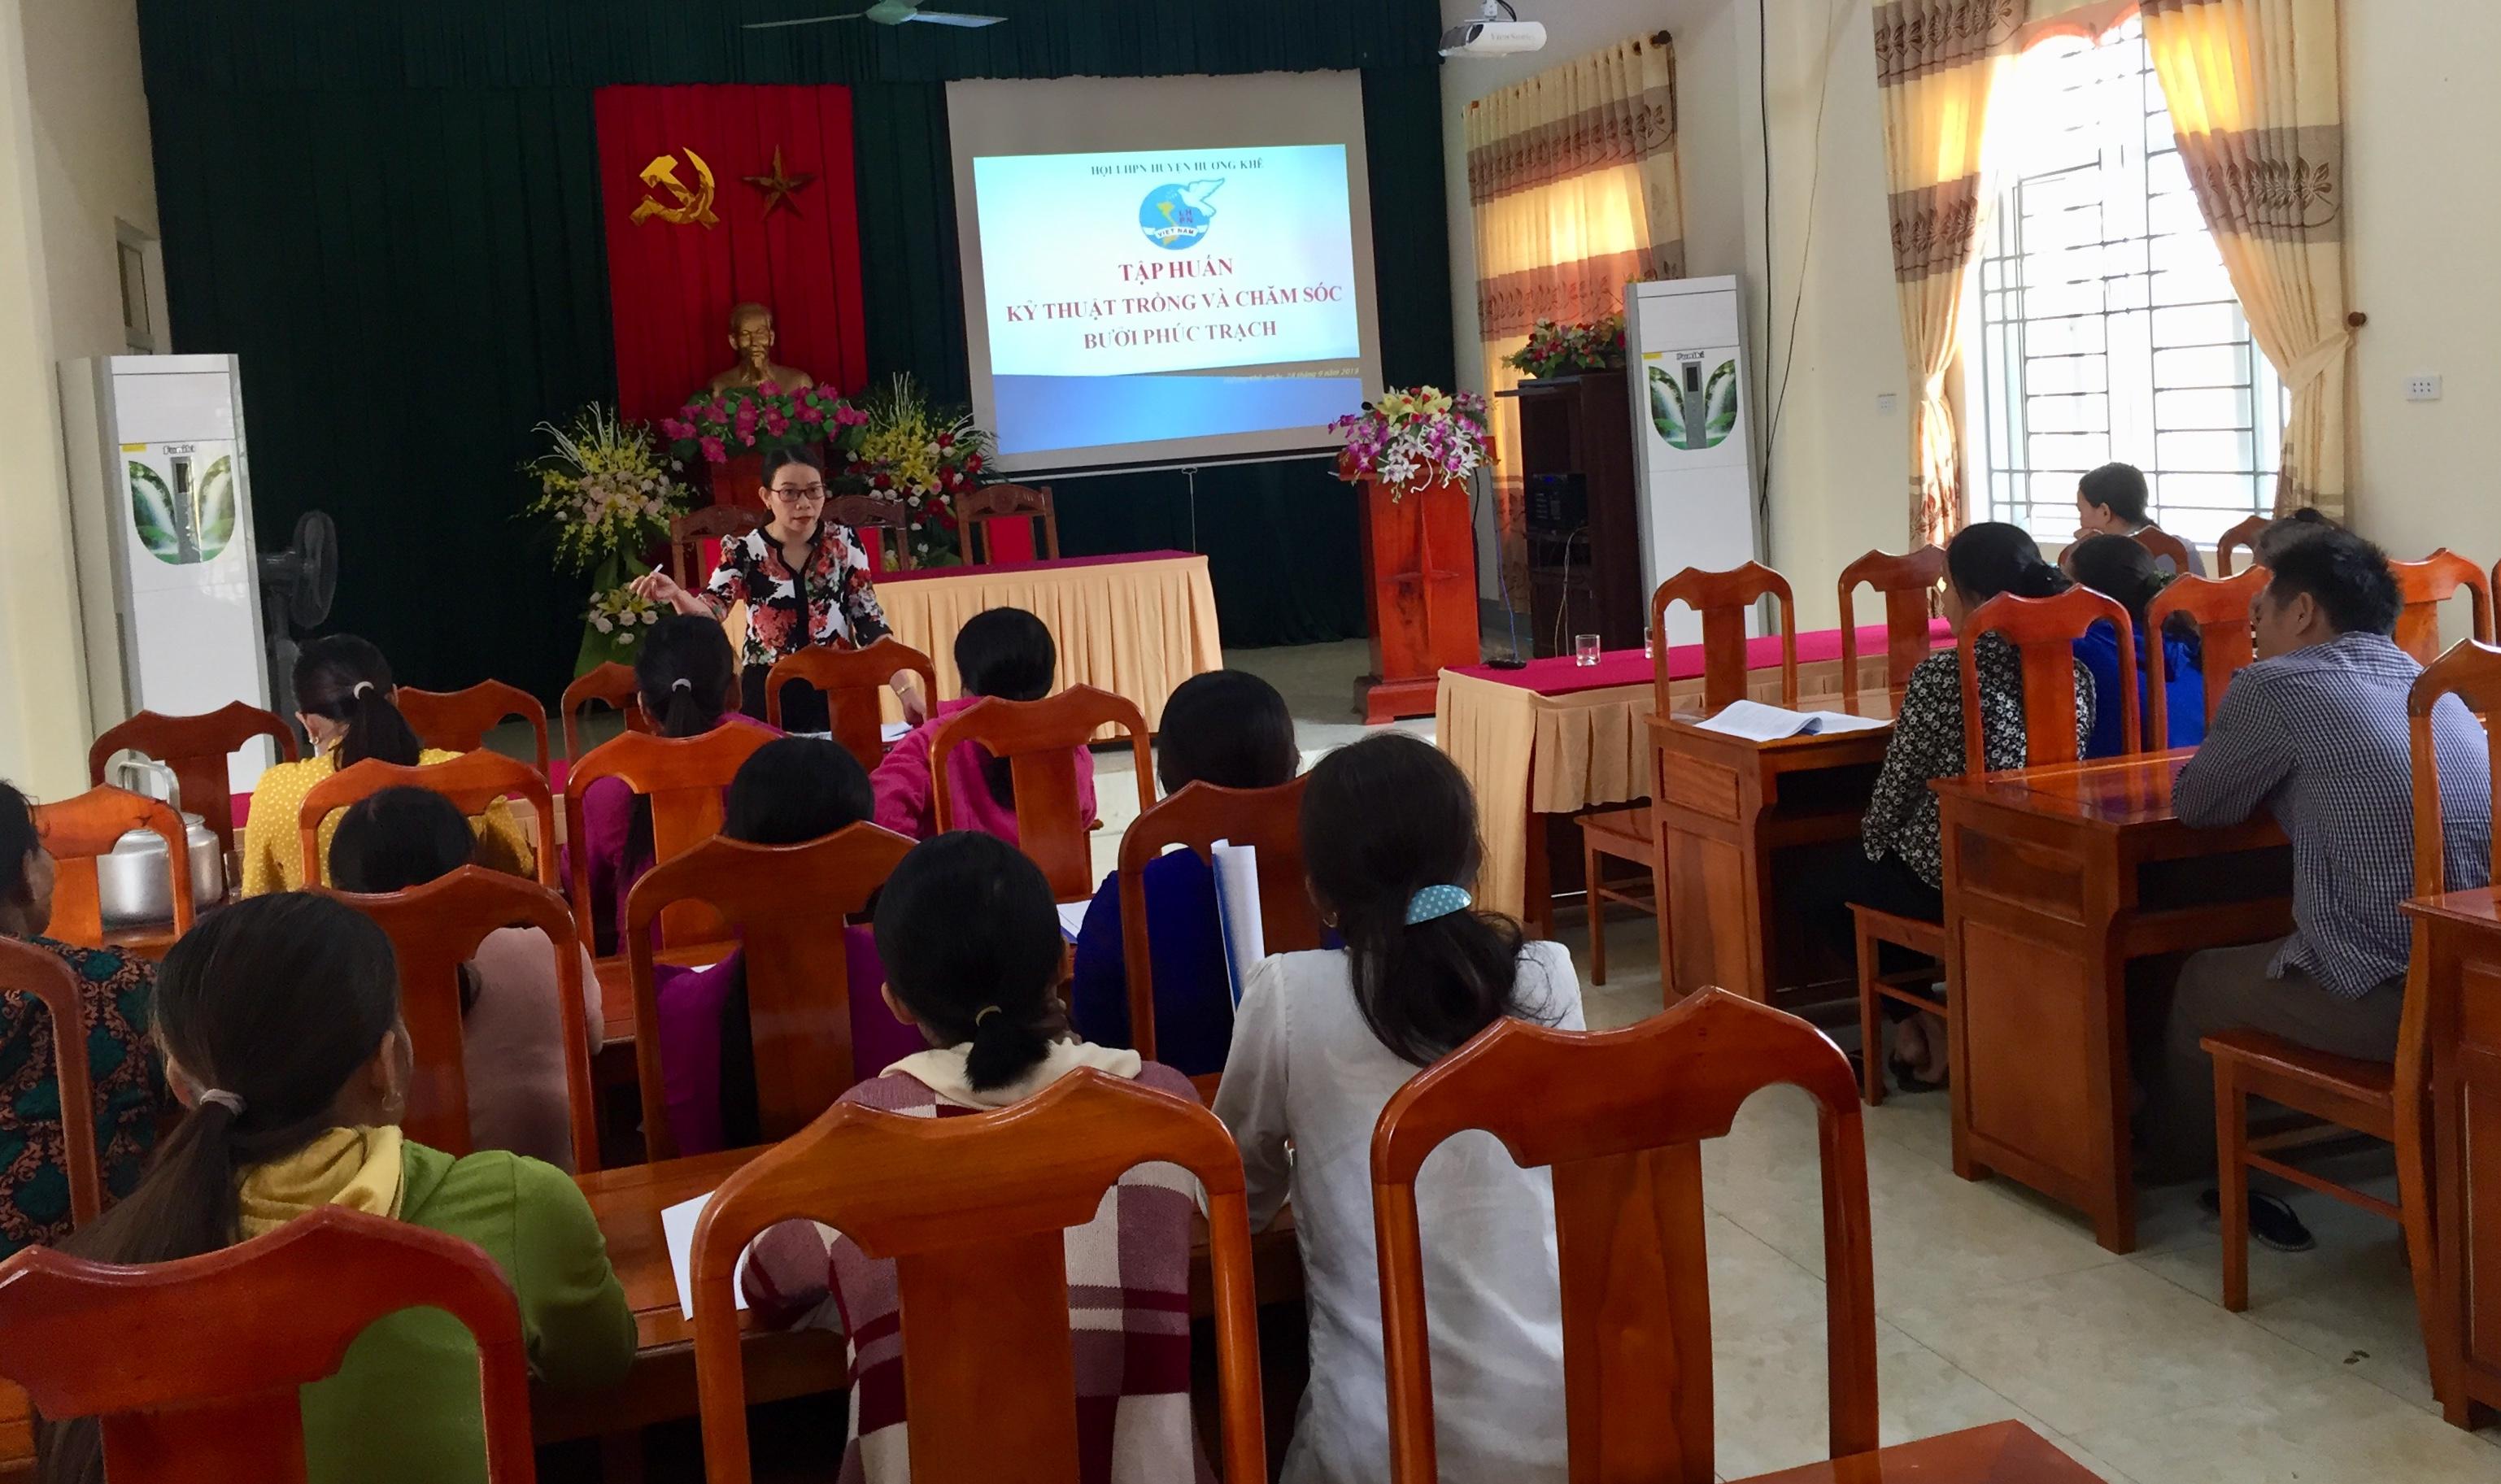 Hội Phụ nữ huyện: tập huấn quy trình kỹ thuật trồng và chăm sóc Bưởi Phúc Trạch cho 26 hội viên phụ nữ nghèo hưởng lợi từ Quỹ Từ Bi tâm.